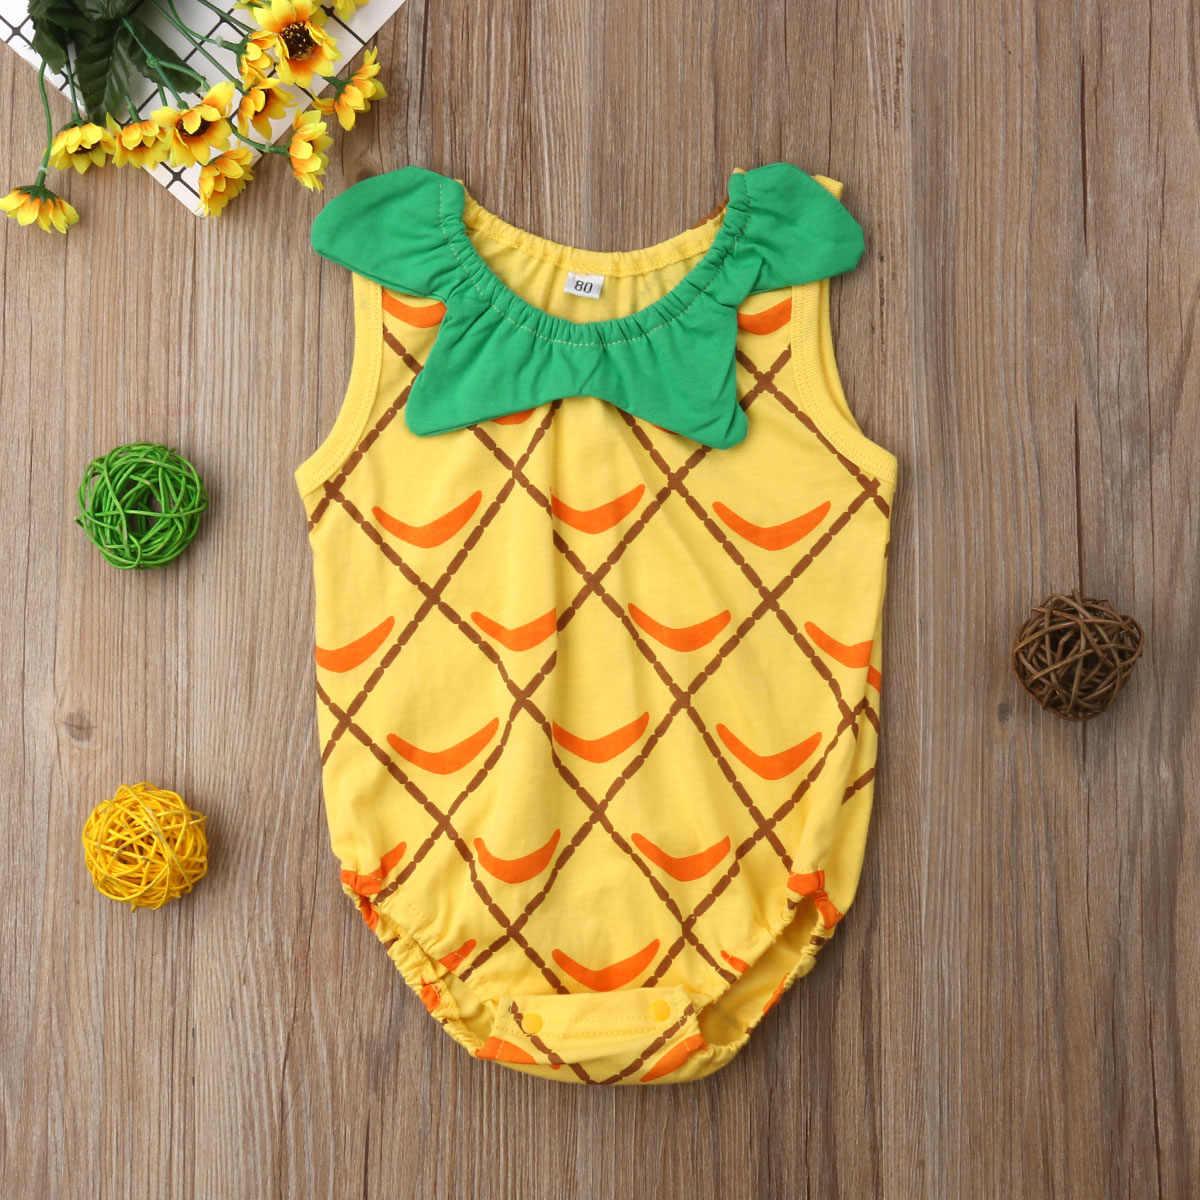 Pasgeboren Baby Jongen Meisje Ananas Penguin Romper Jumpsuit Baby Cartoon Outfit Prinses Peuter Meisjes Jongen Zomer Kleding 0-18 m